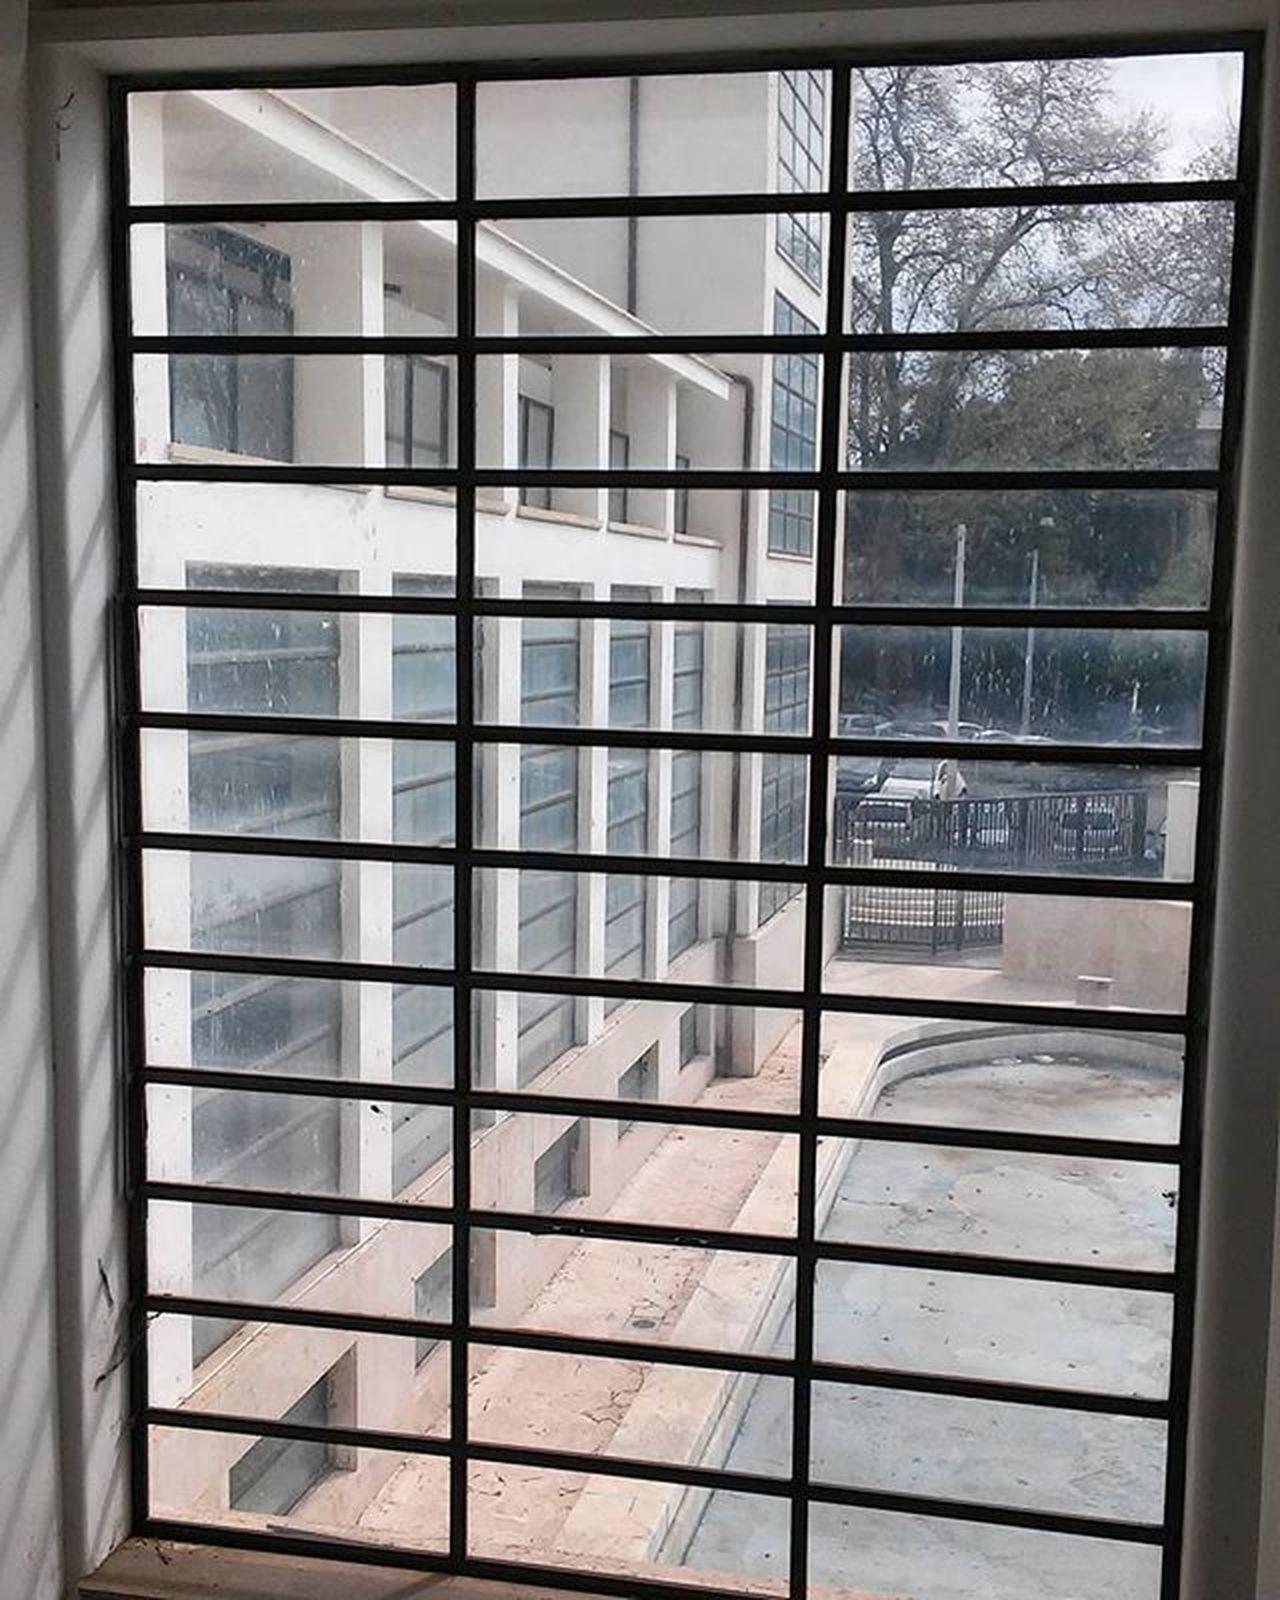 24 marzo 2016 casa della gil, luigi moretti - Trastevere Casagil Moretti Razionalismo Ventennio Roma Windowview Roma Architecture